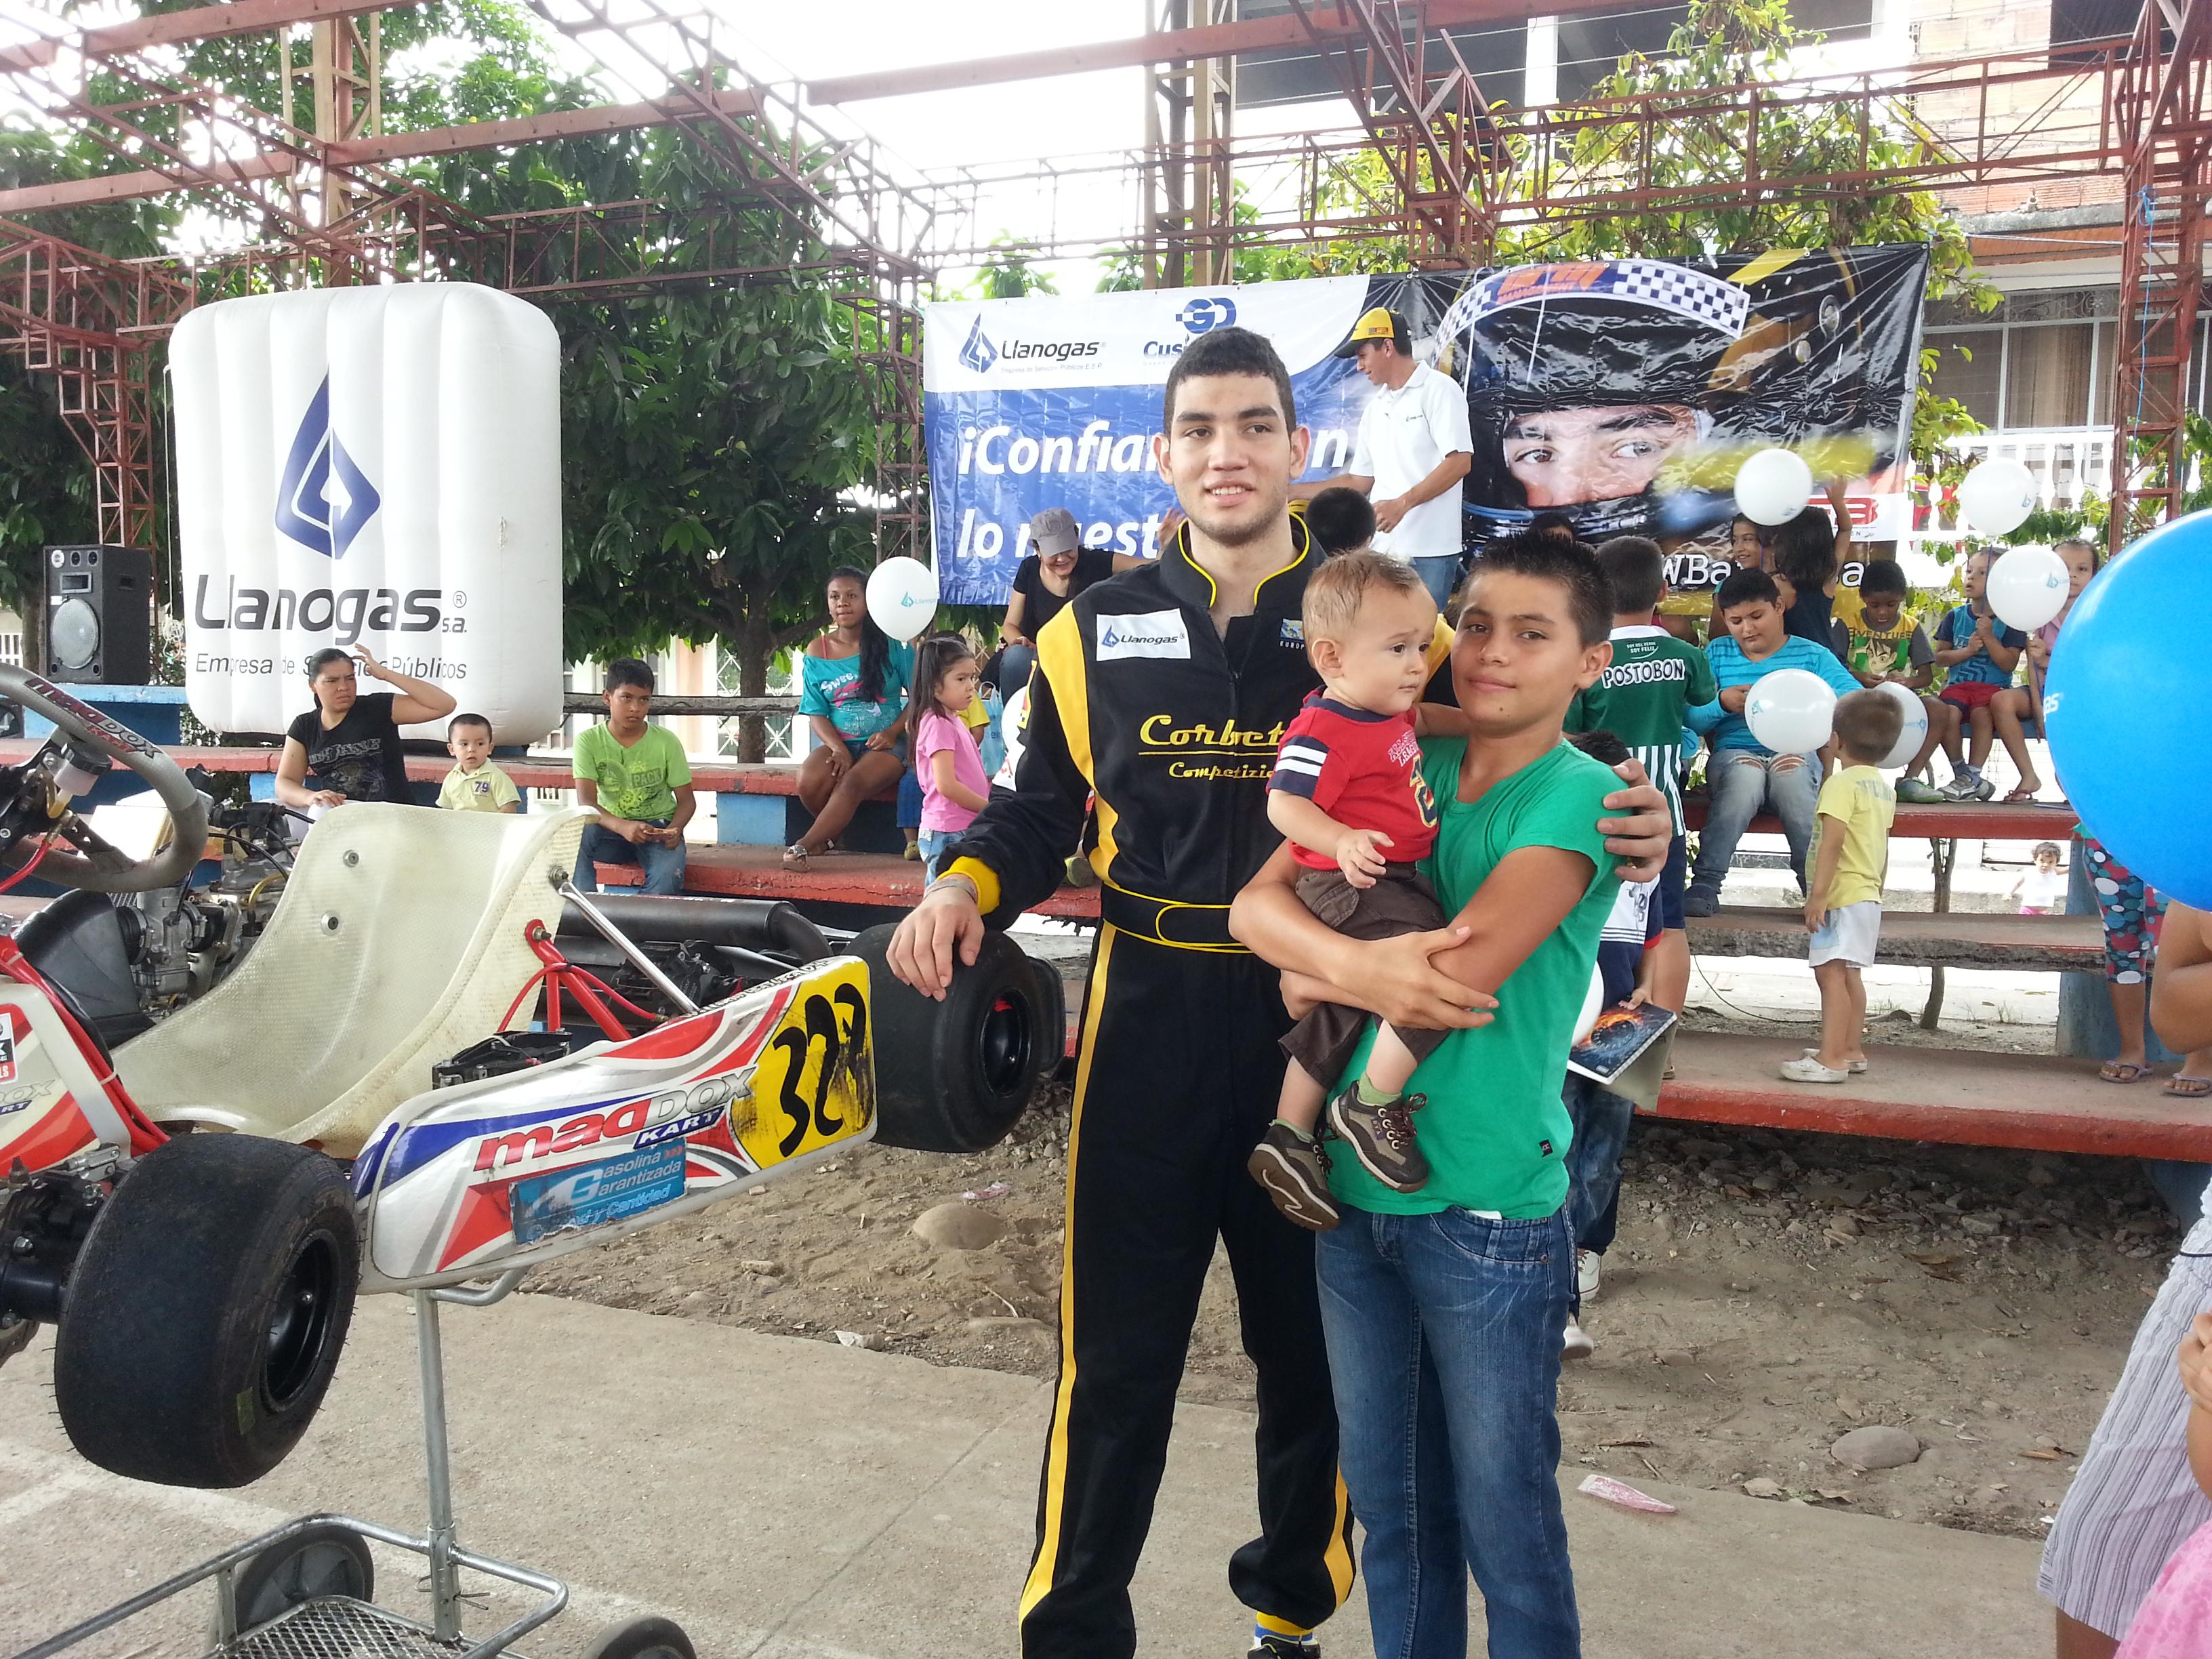 WilliamBarbosa+Llanogas+Contigo+20140308_7.jpg